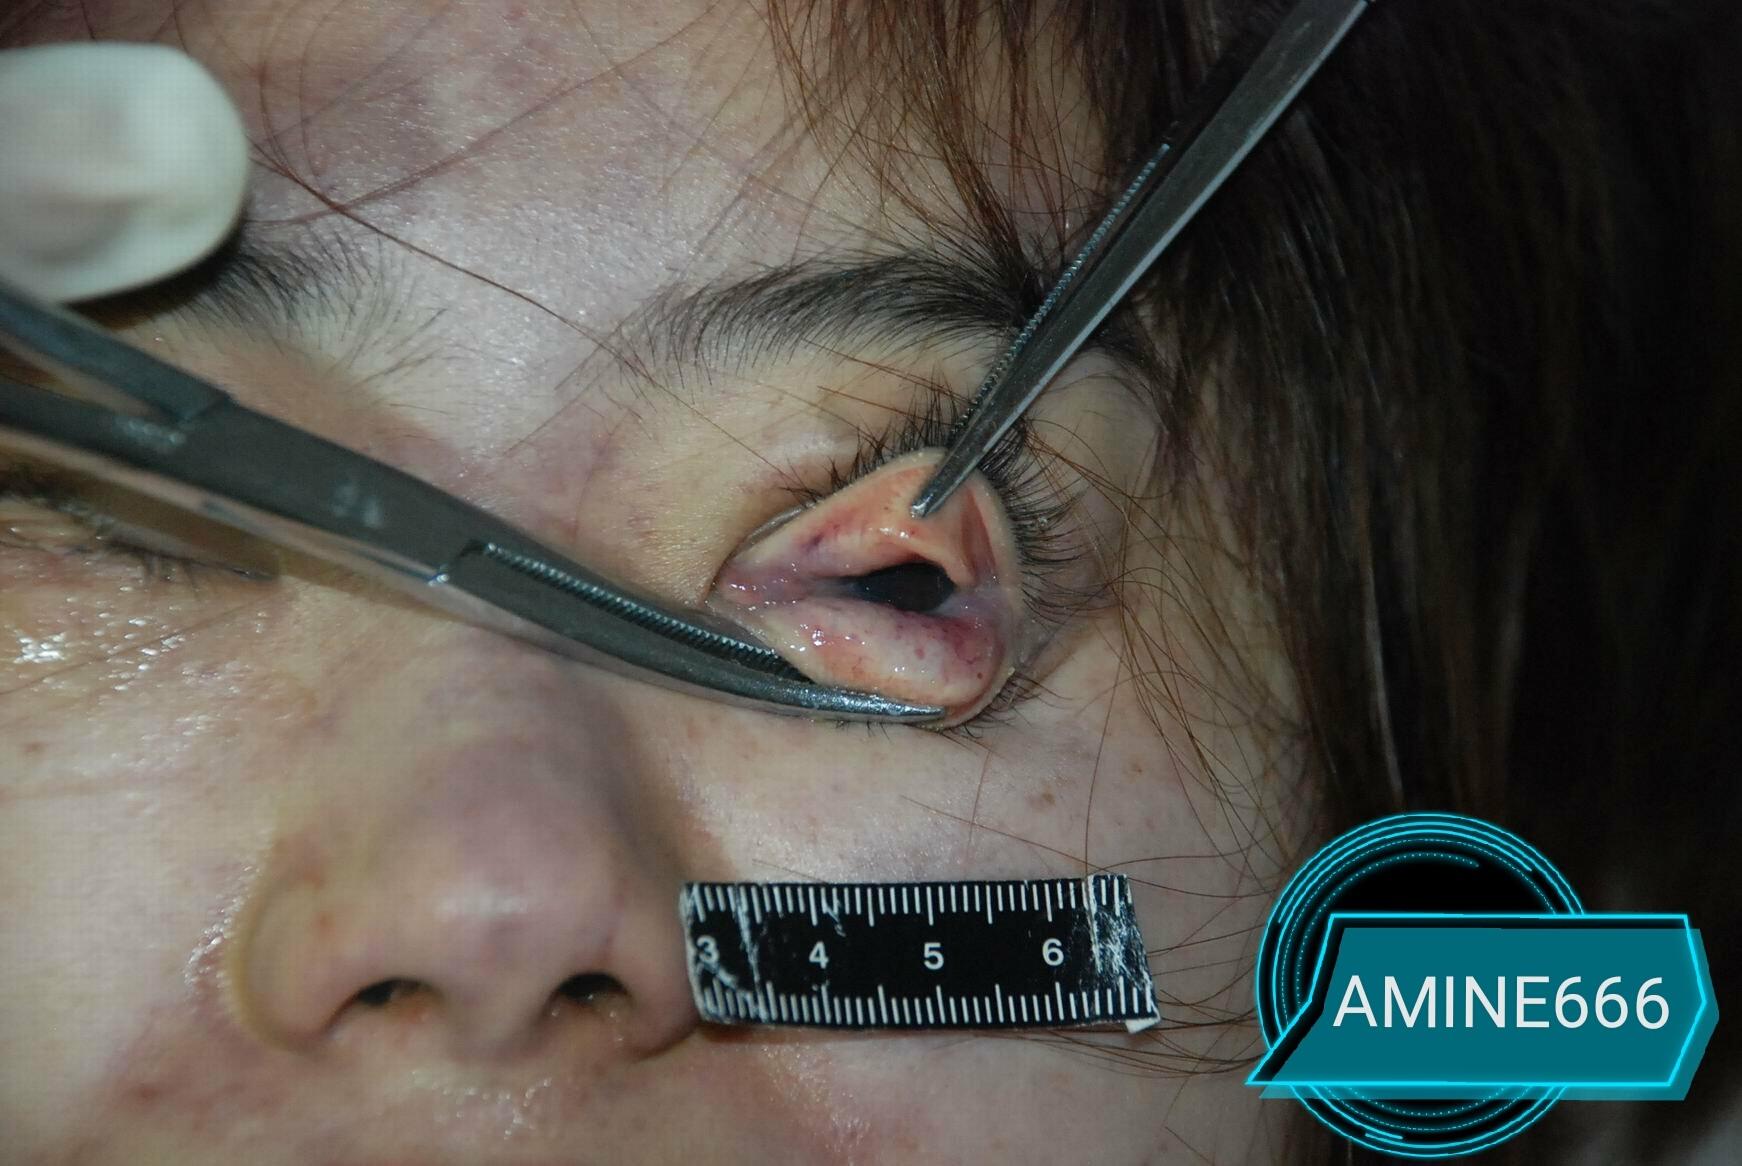 【レイプ殺人】中国でレイプされ絞殺された女性、なんで画像が出回るんだ・・・・・(画像)・7枚目